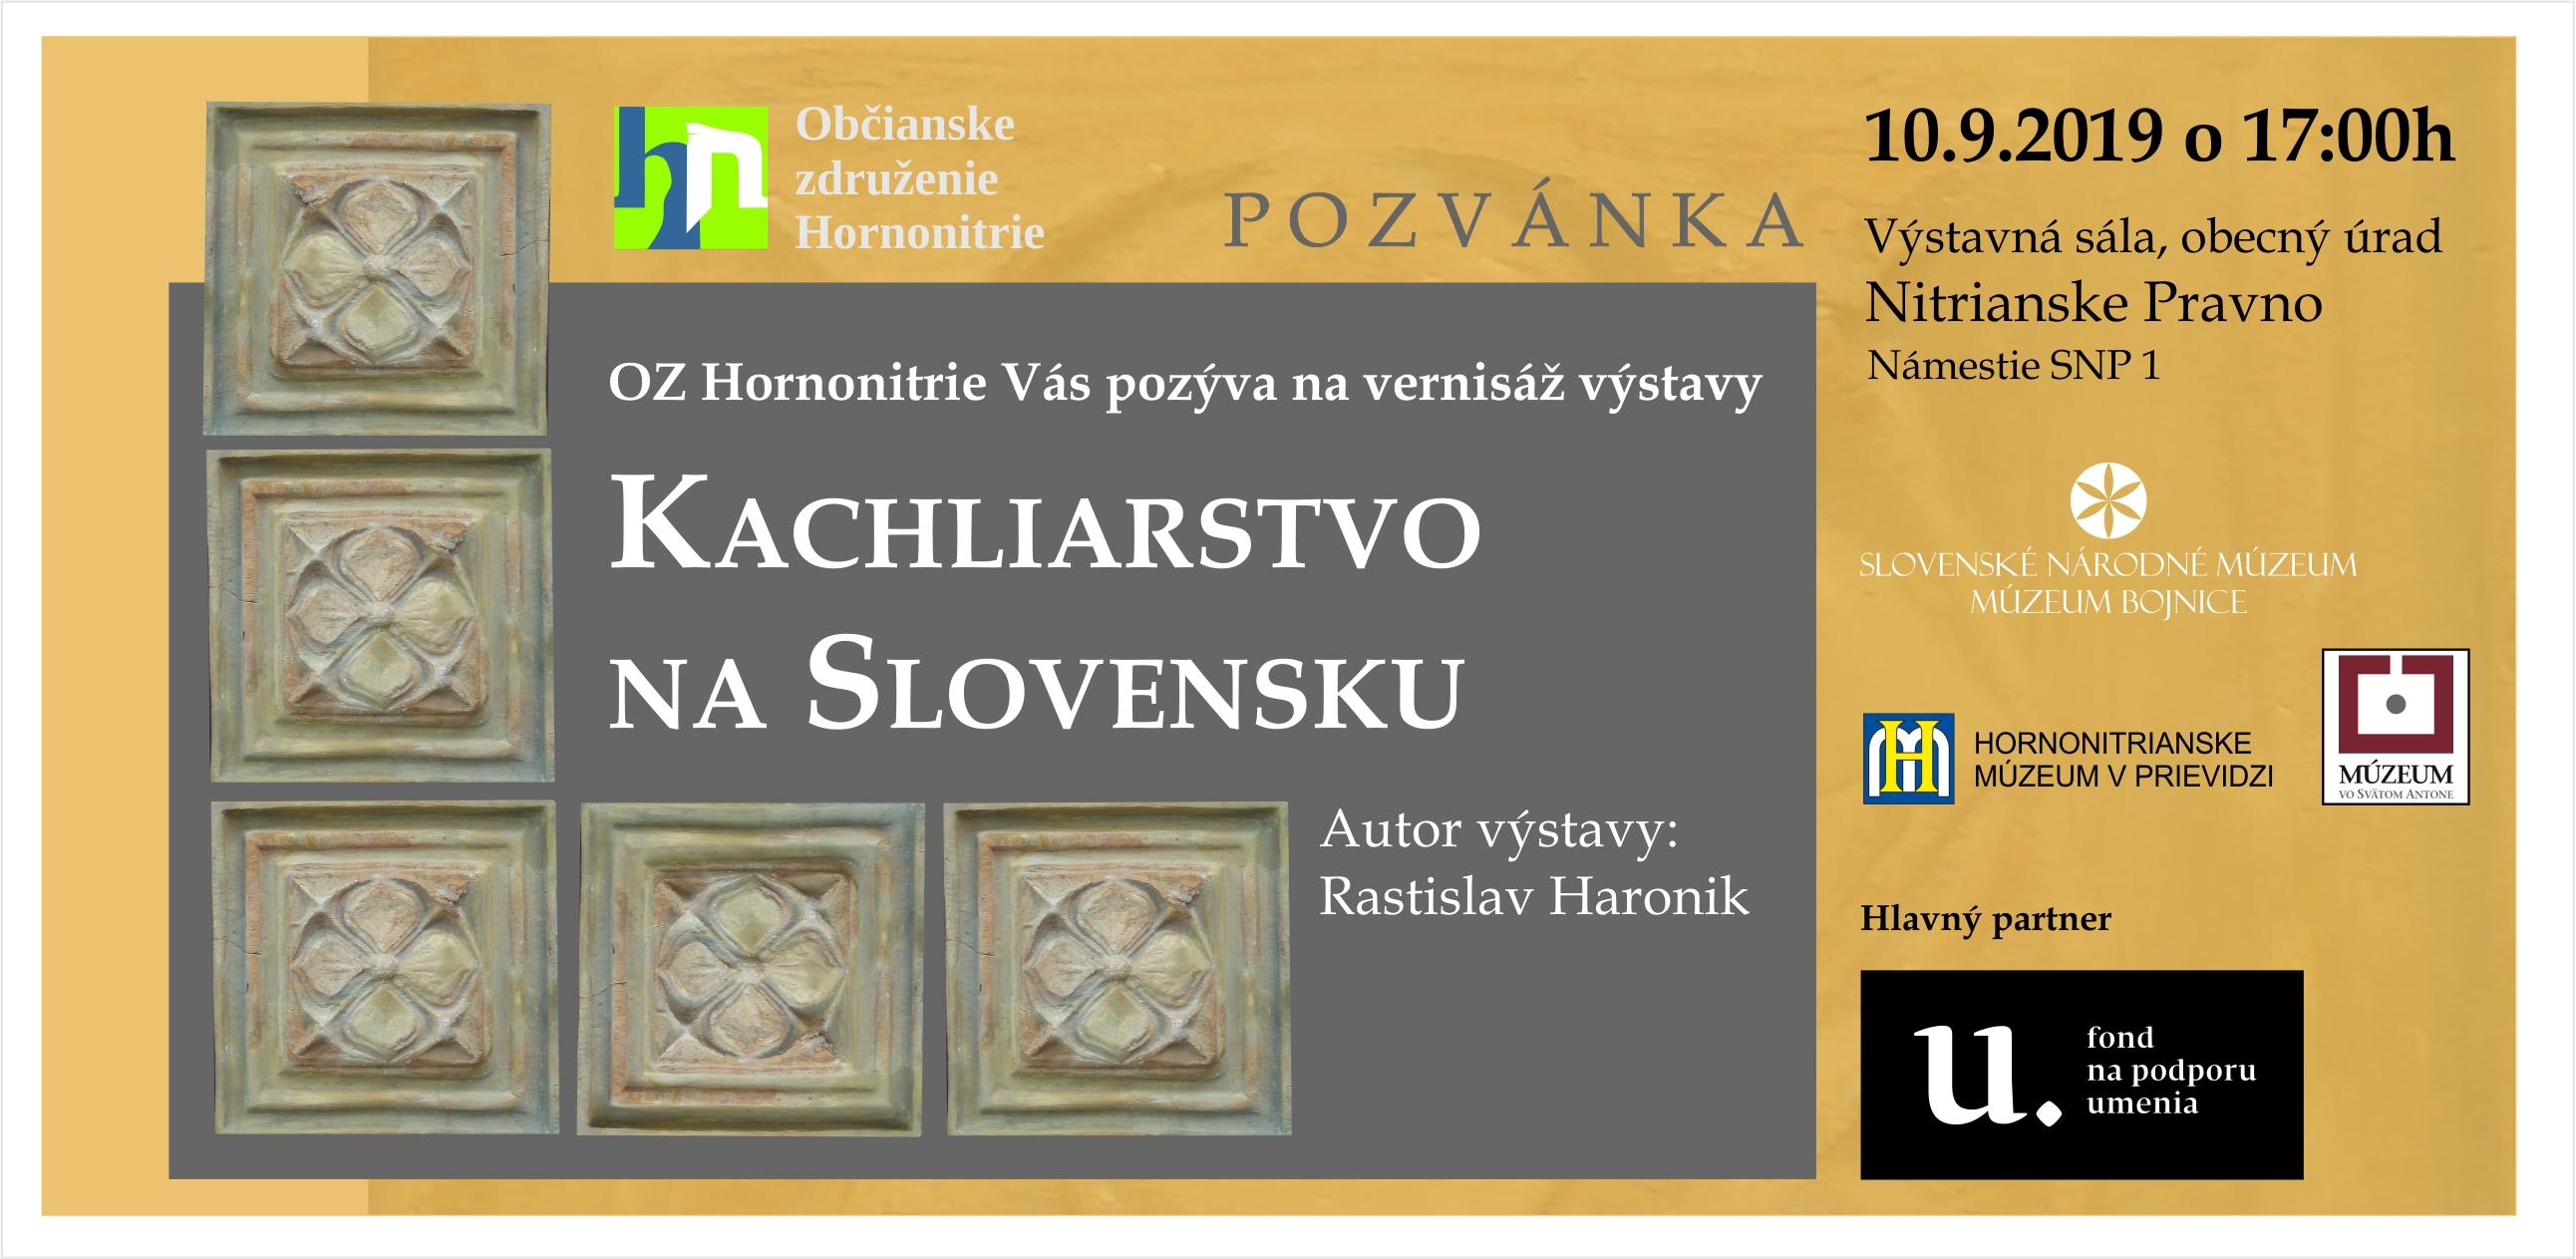 Výstava Kachliarstvo na Slovensku